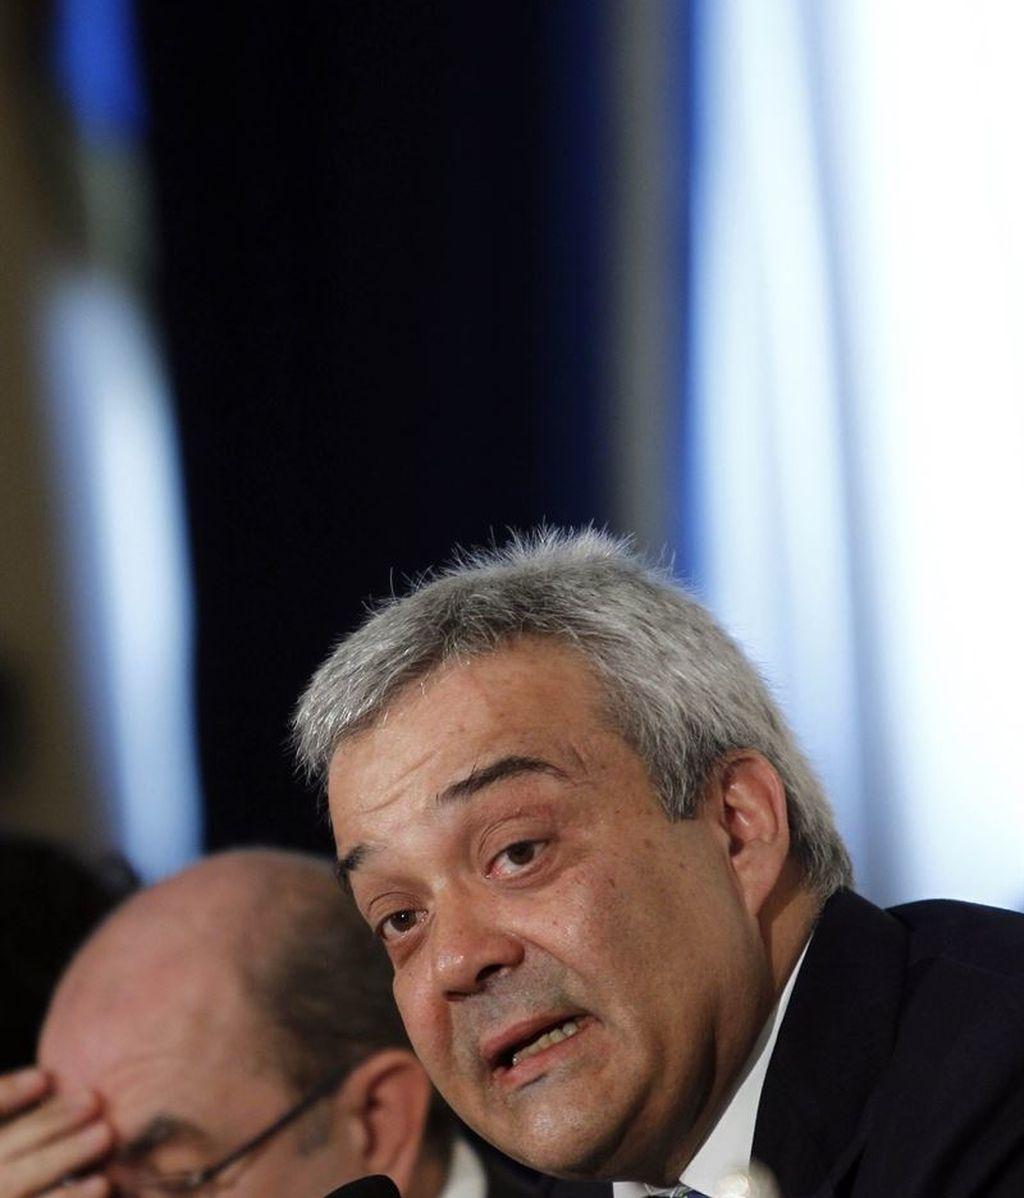 Víctor Calvo Sotelo